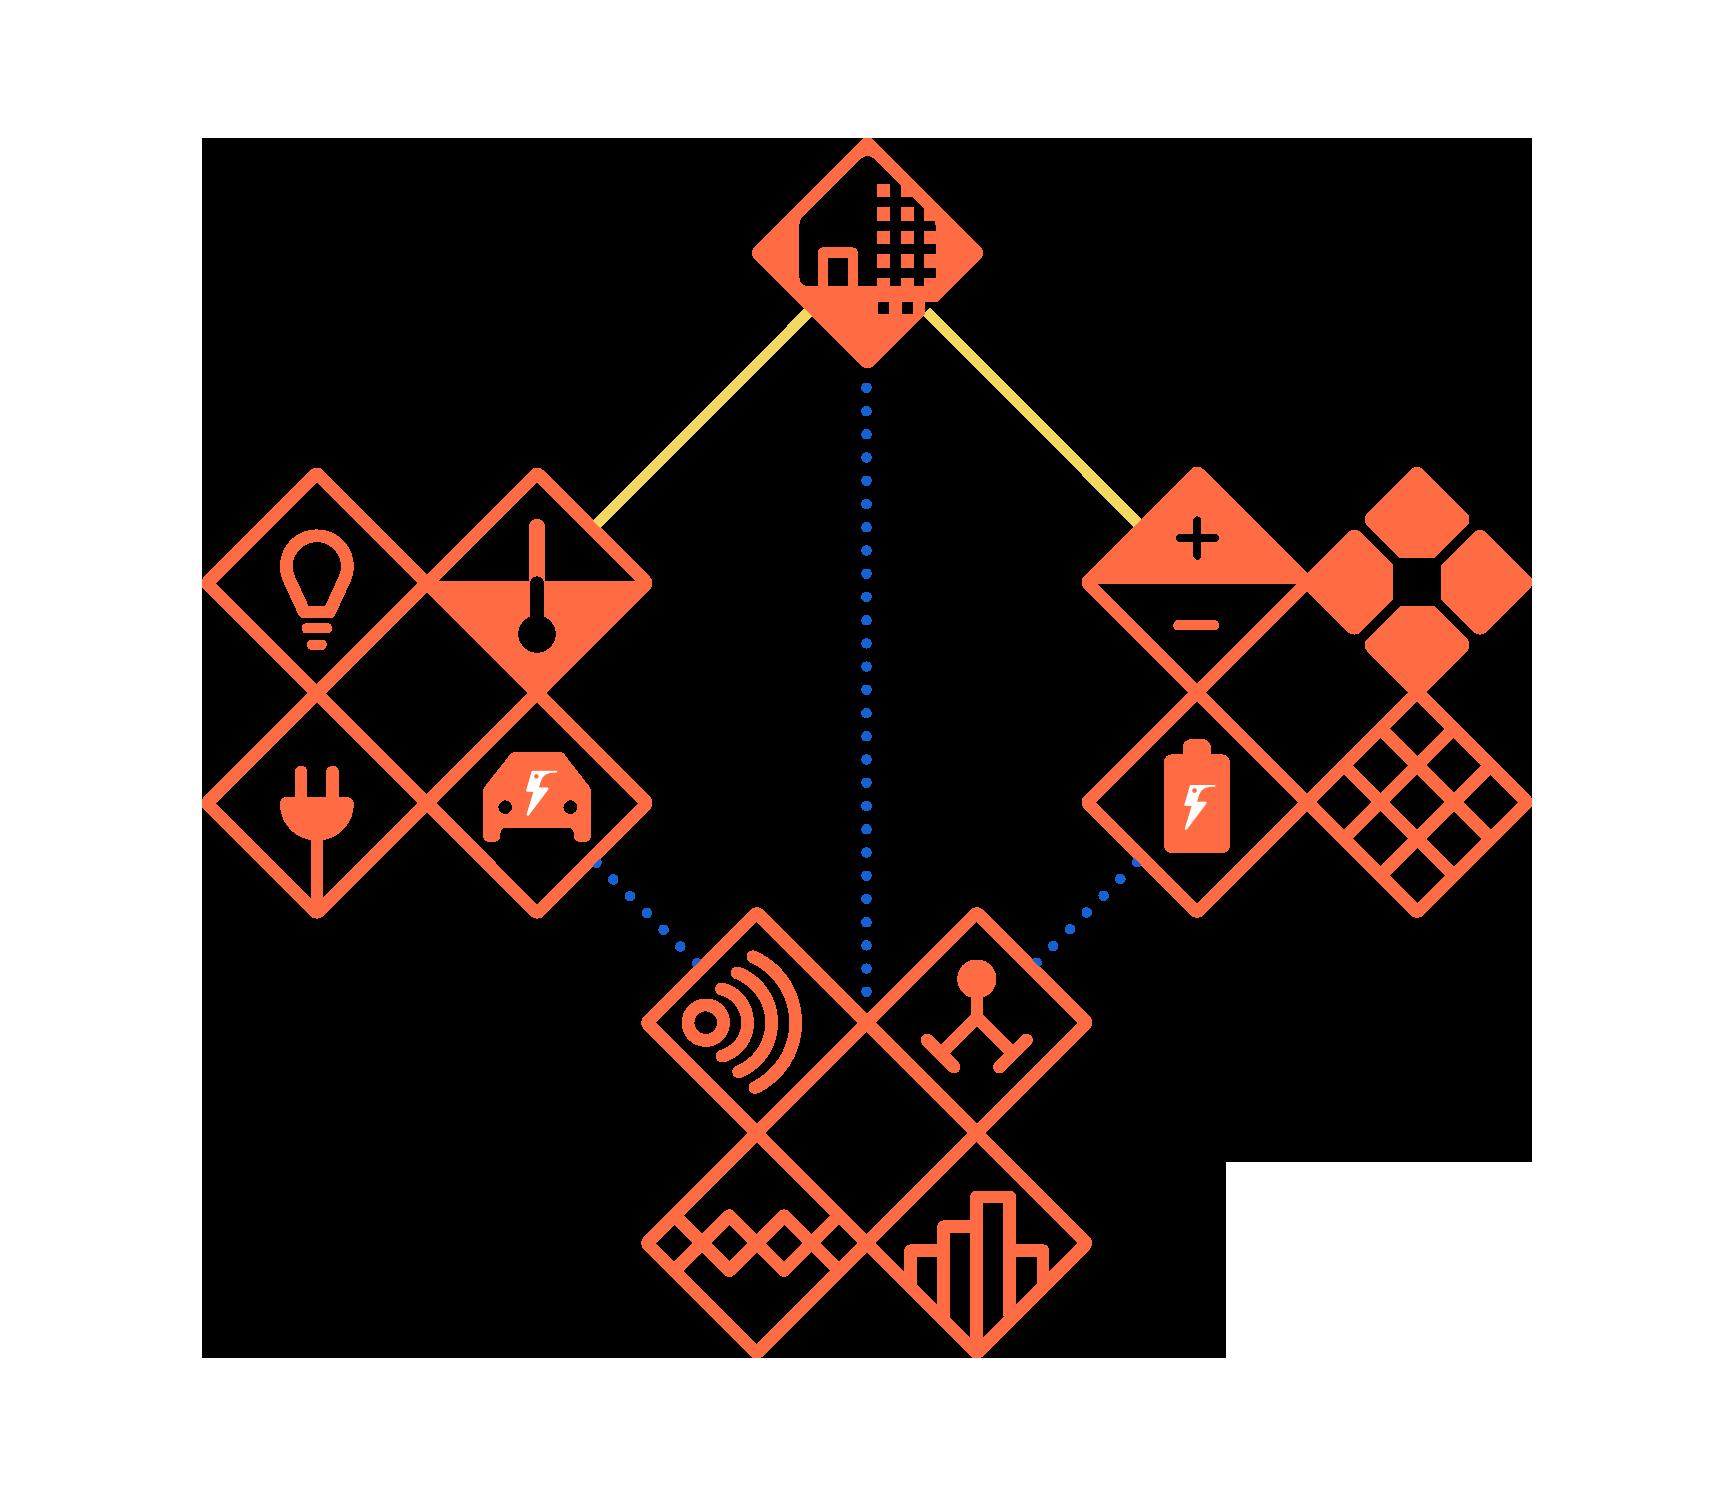 HSS_-Master-Blueprint.png